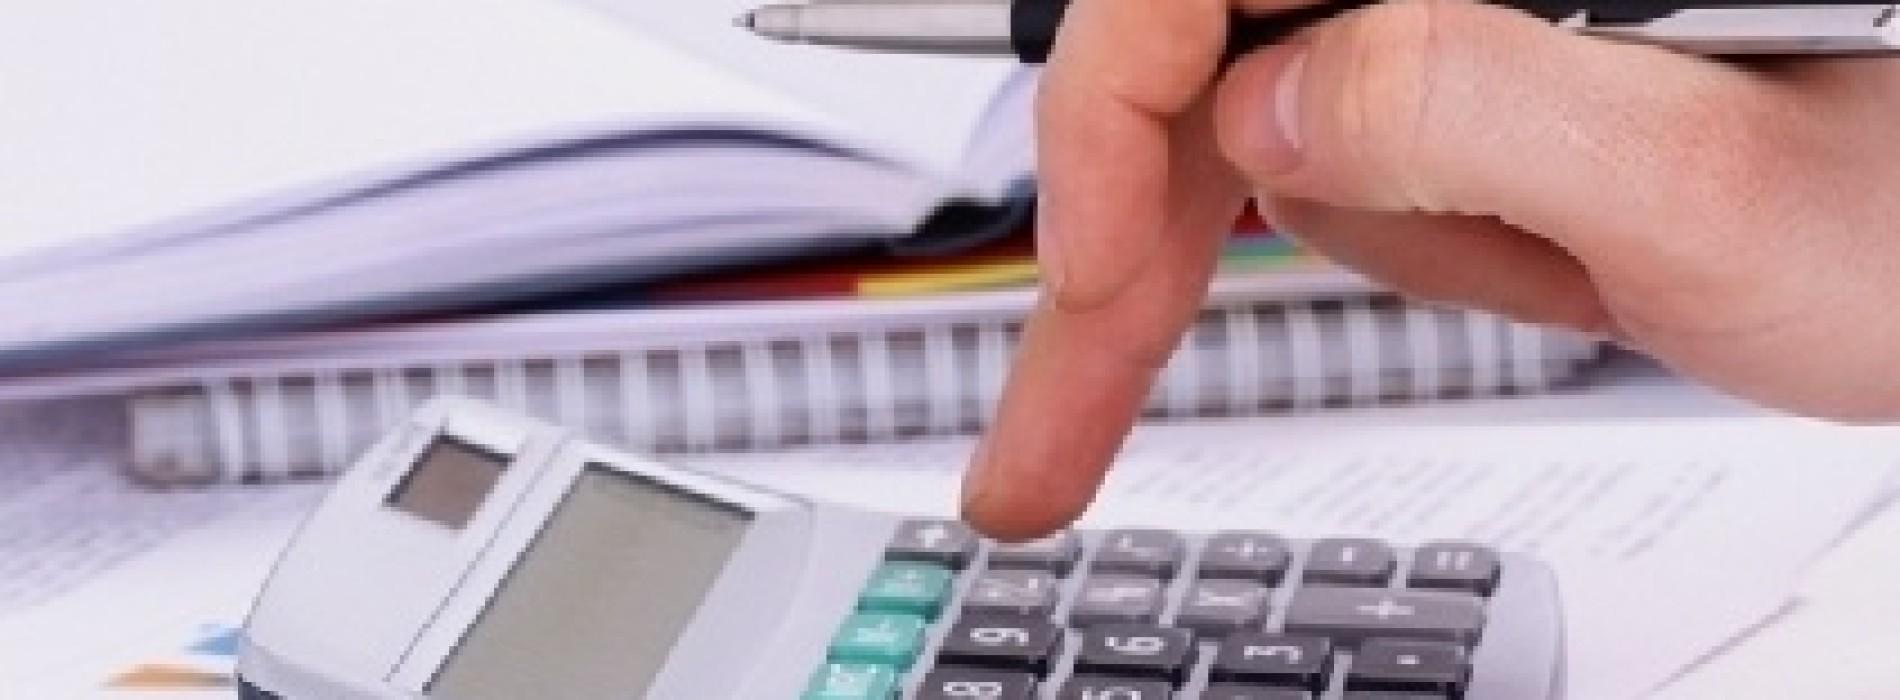 Kiedy działalność edukacyjna jest zwolniona z VAT-u?